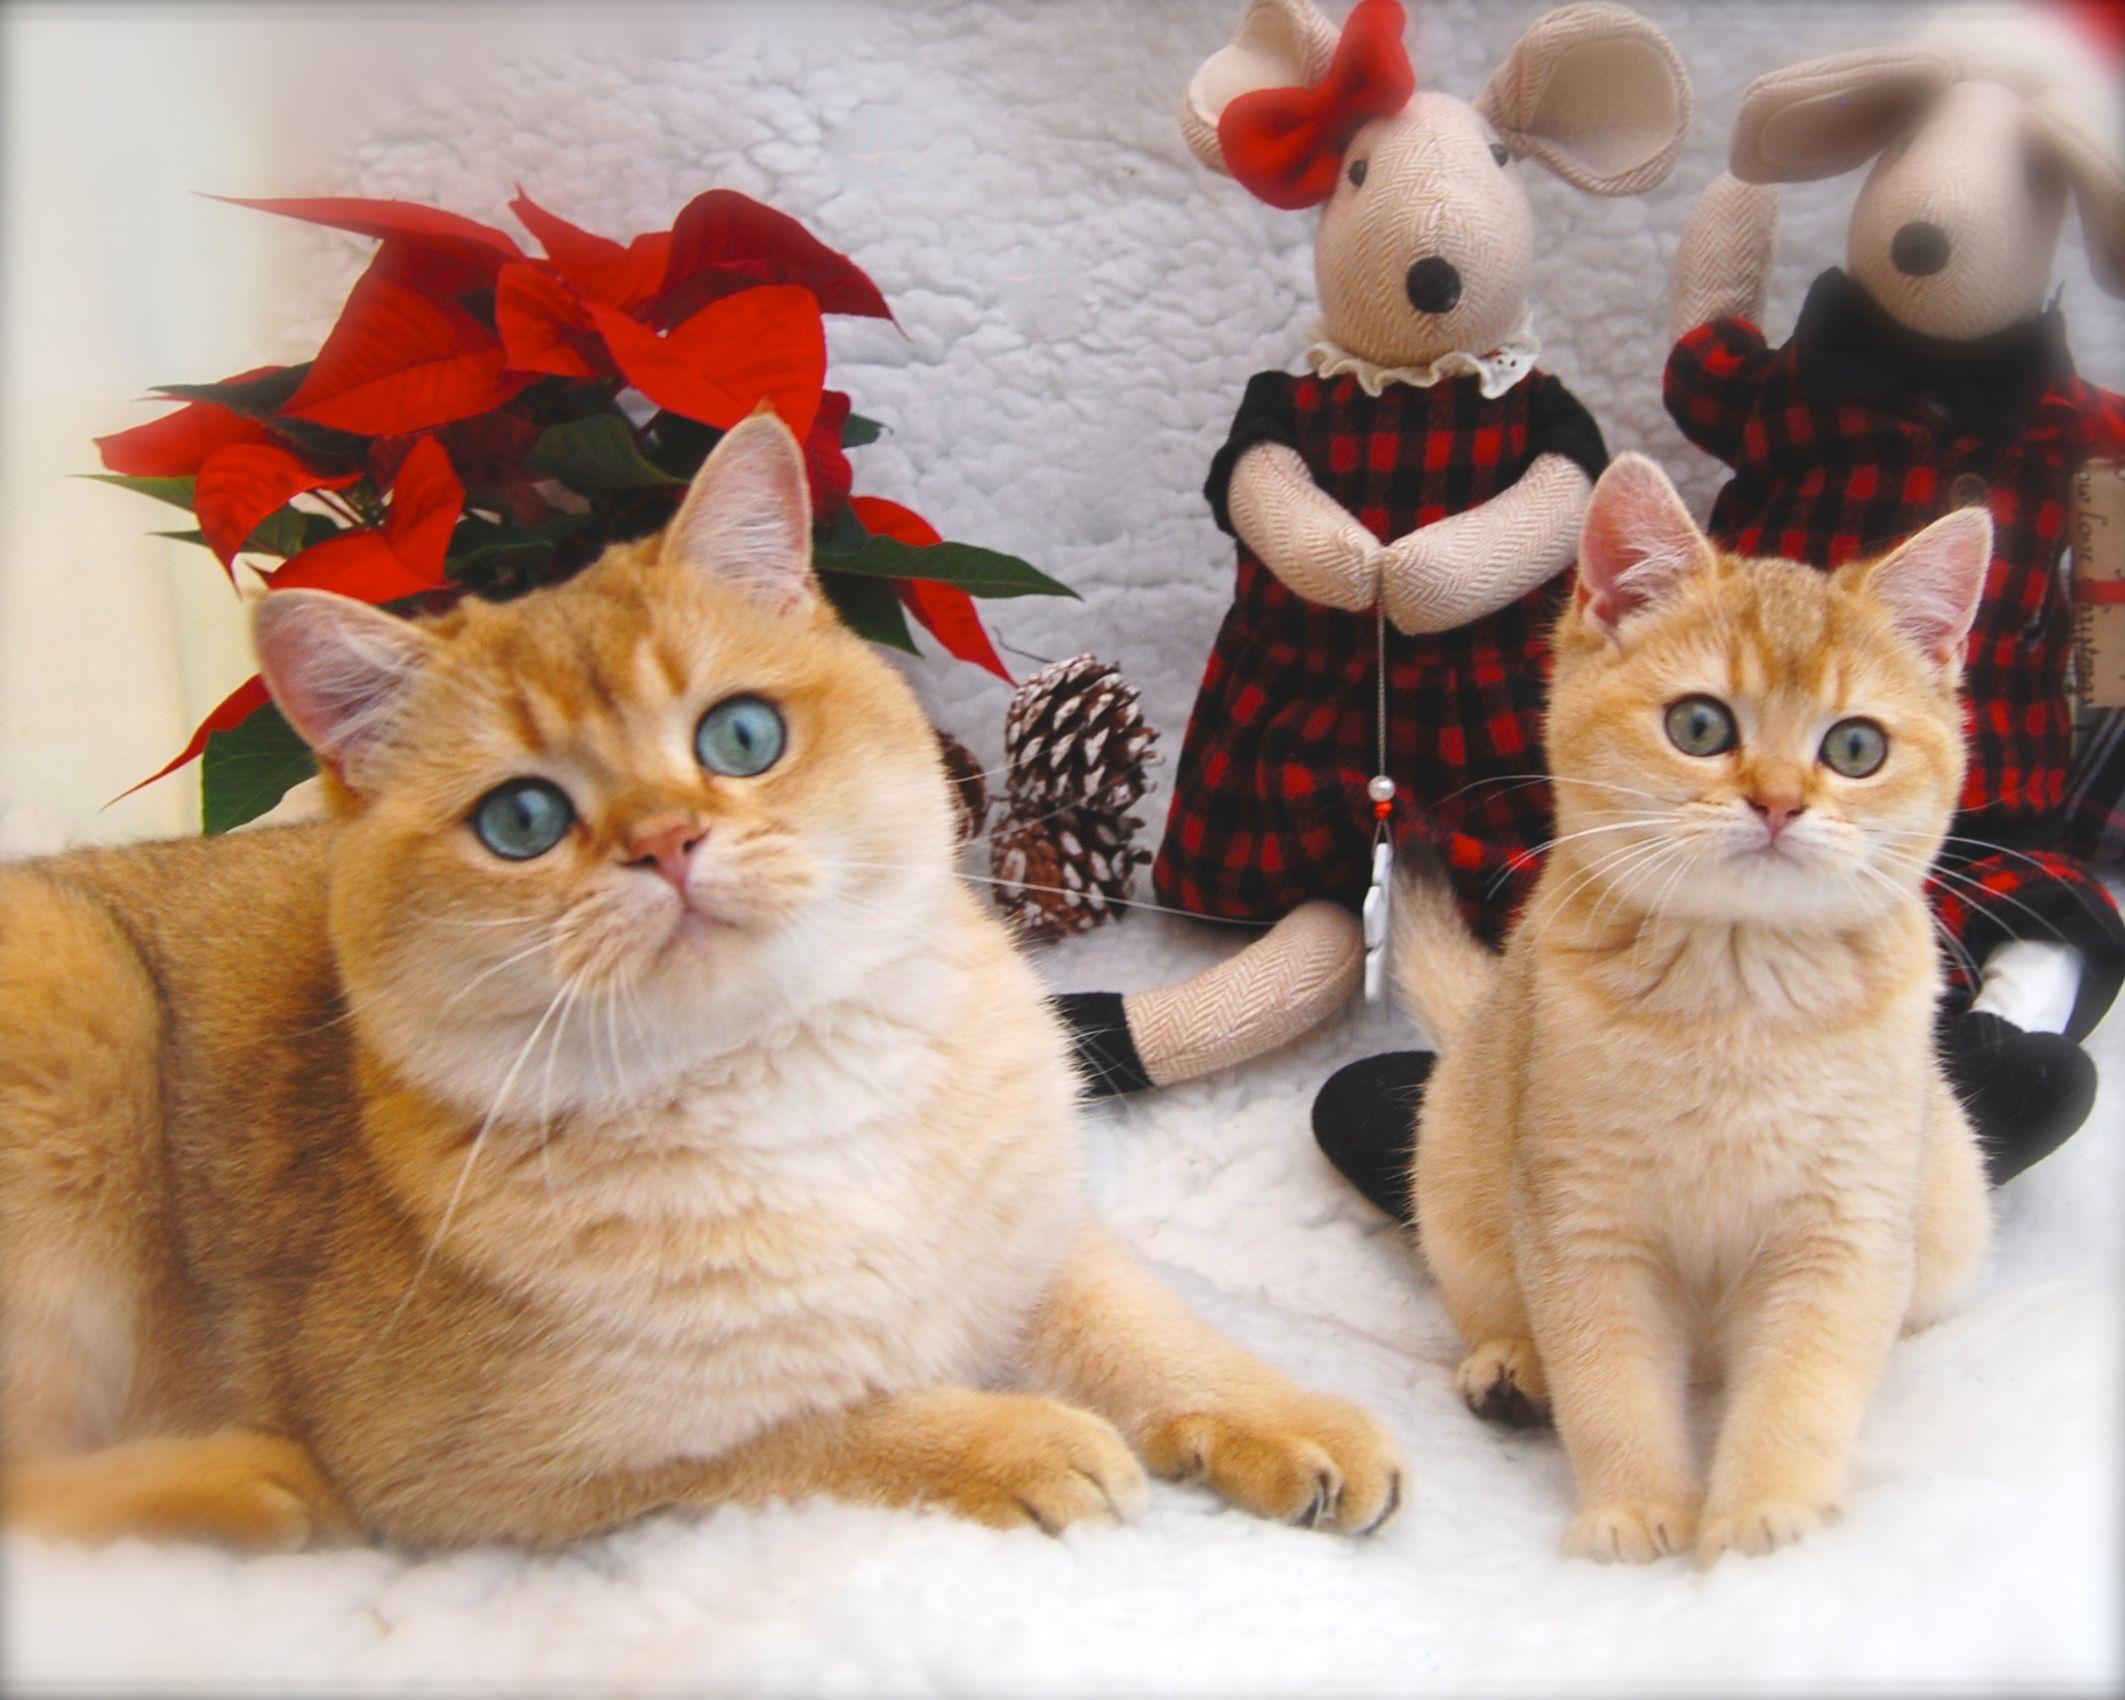 Myata Cats Bri Cats British Shorthair Ny 25 British Golden Cat Golden Ticked Cat Golden Shaded Cat British Shorthair British Shorthair Cats Pretty Cats